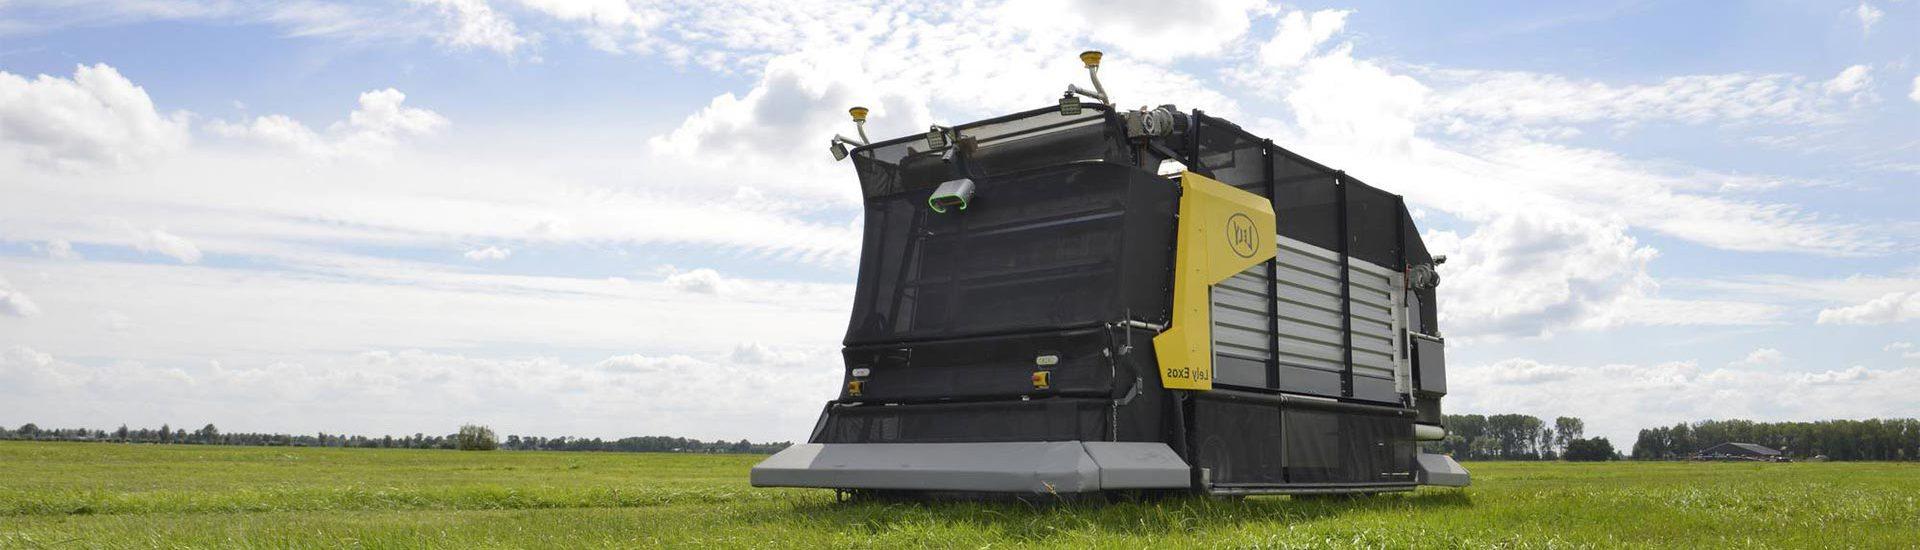 Lely тестує автономний сільськогосподарський електромобіль Exos